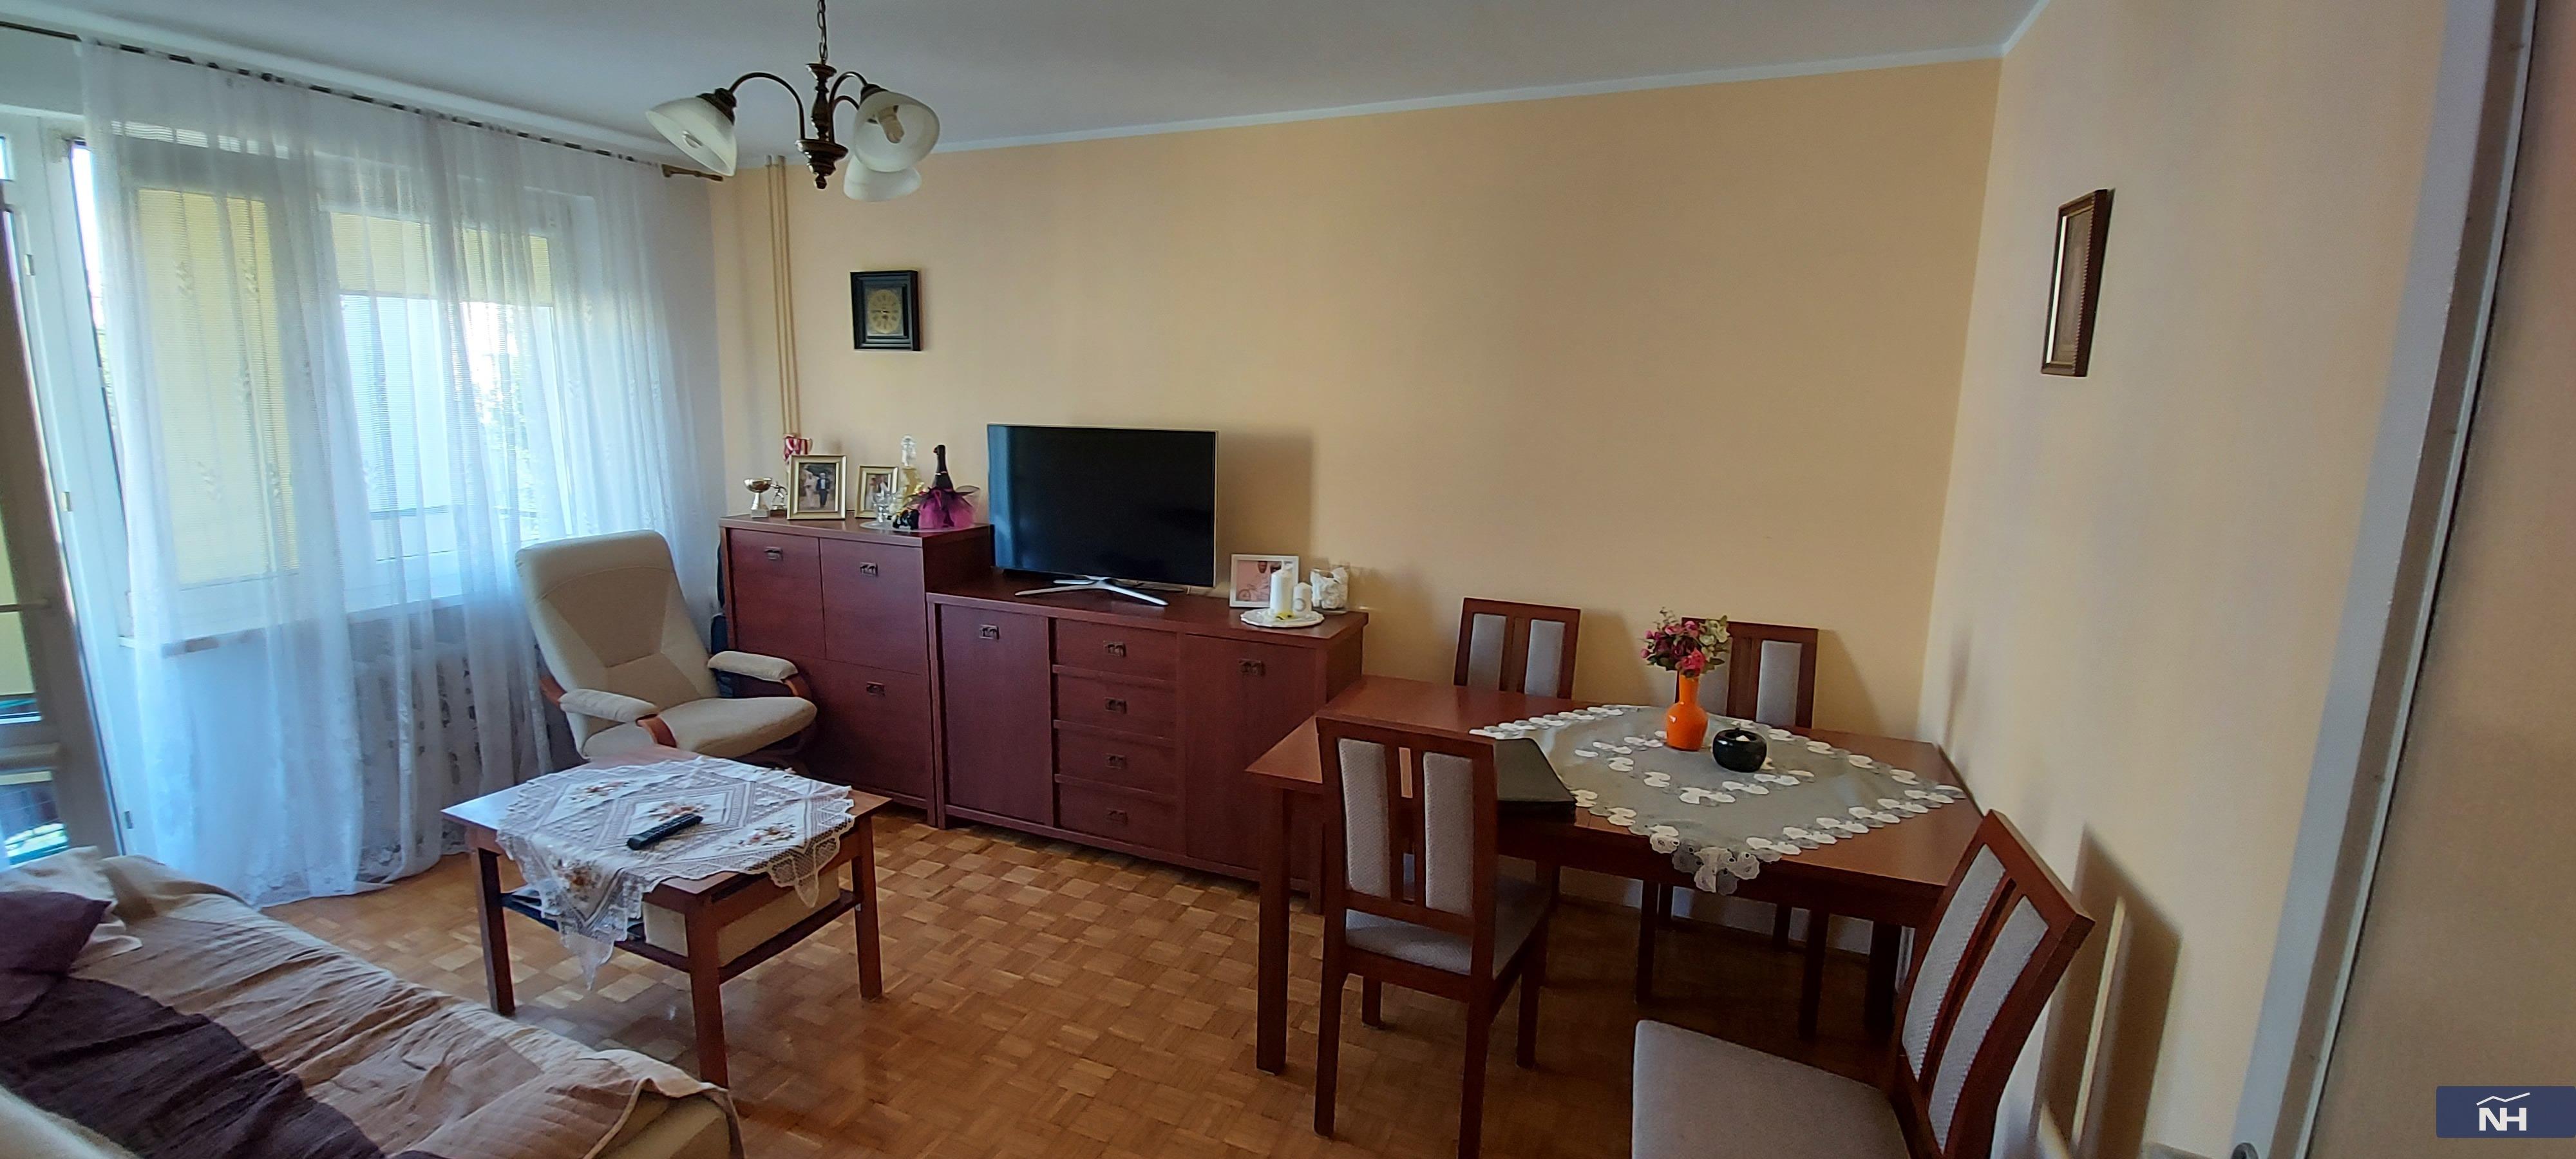 4 pokoje na Kapuściskach można zrobić 5